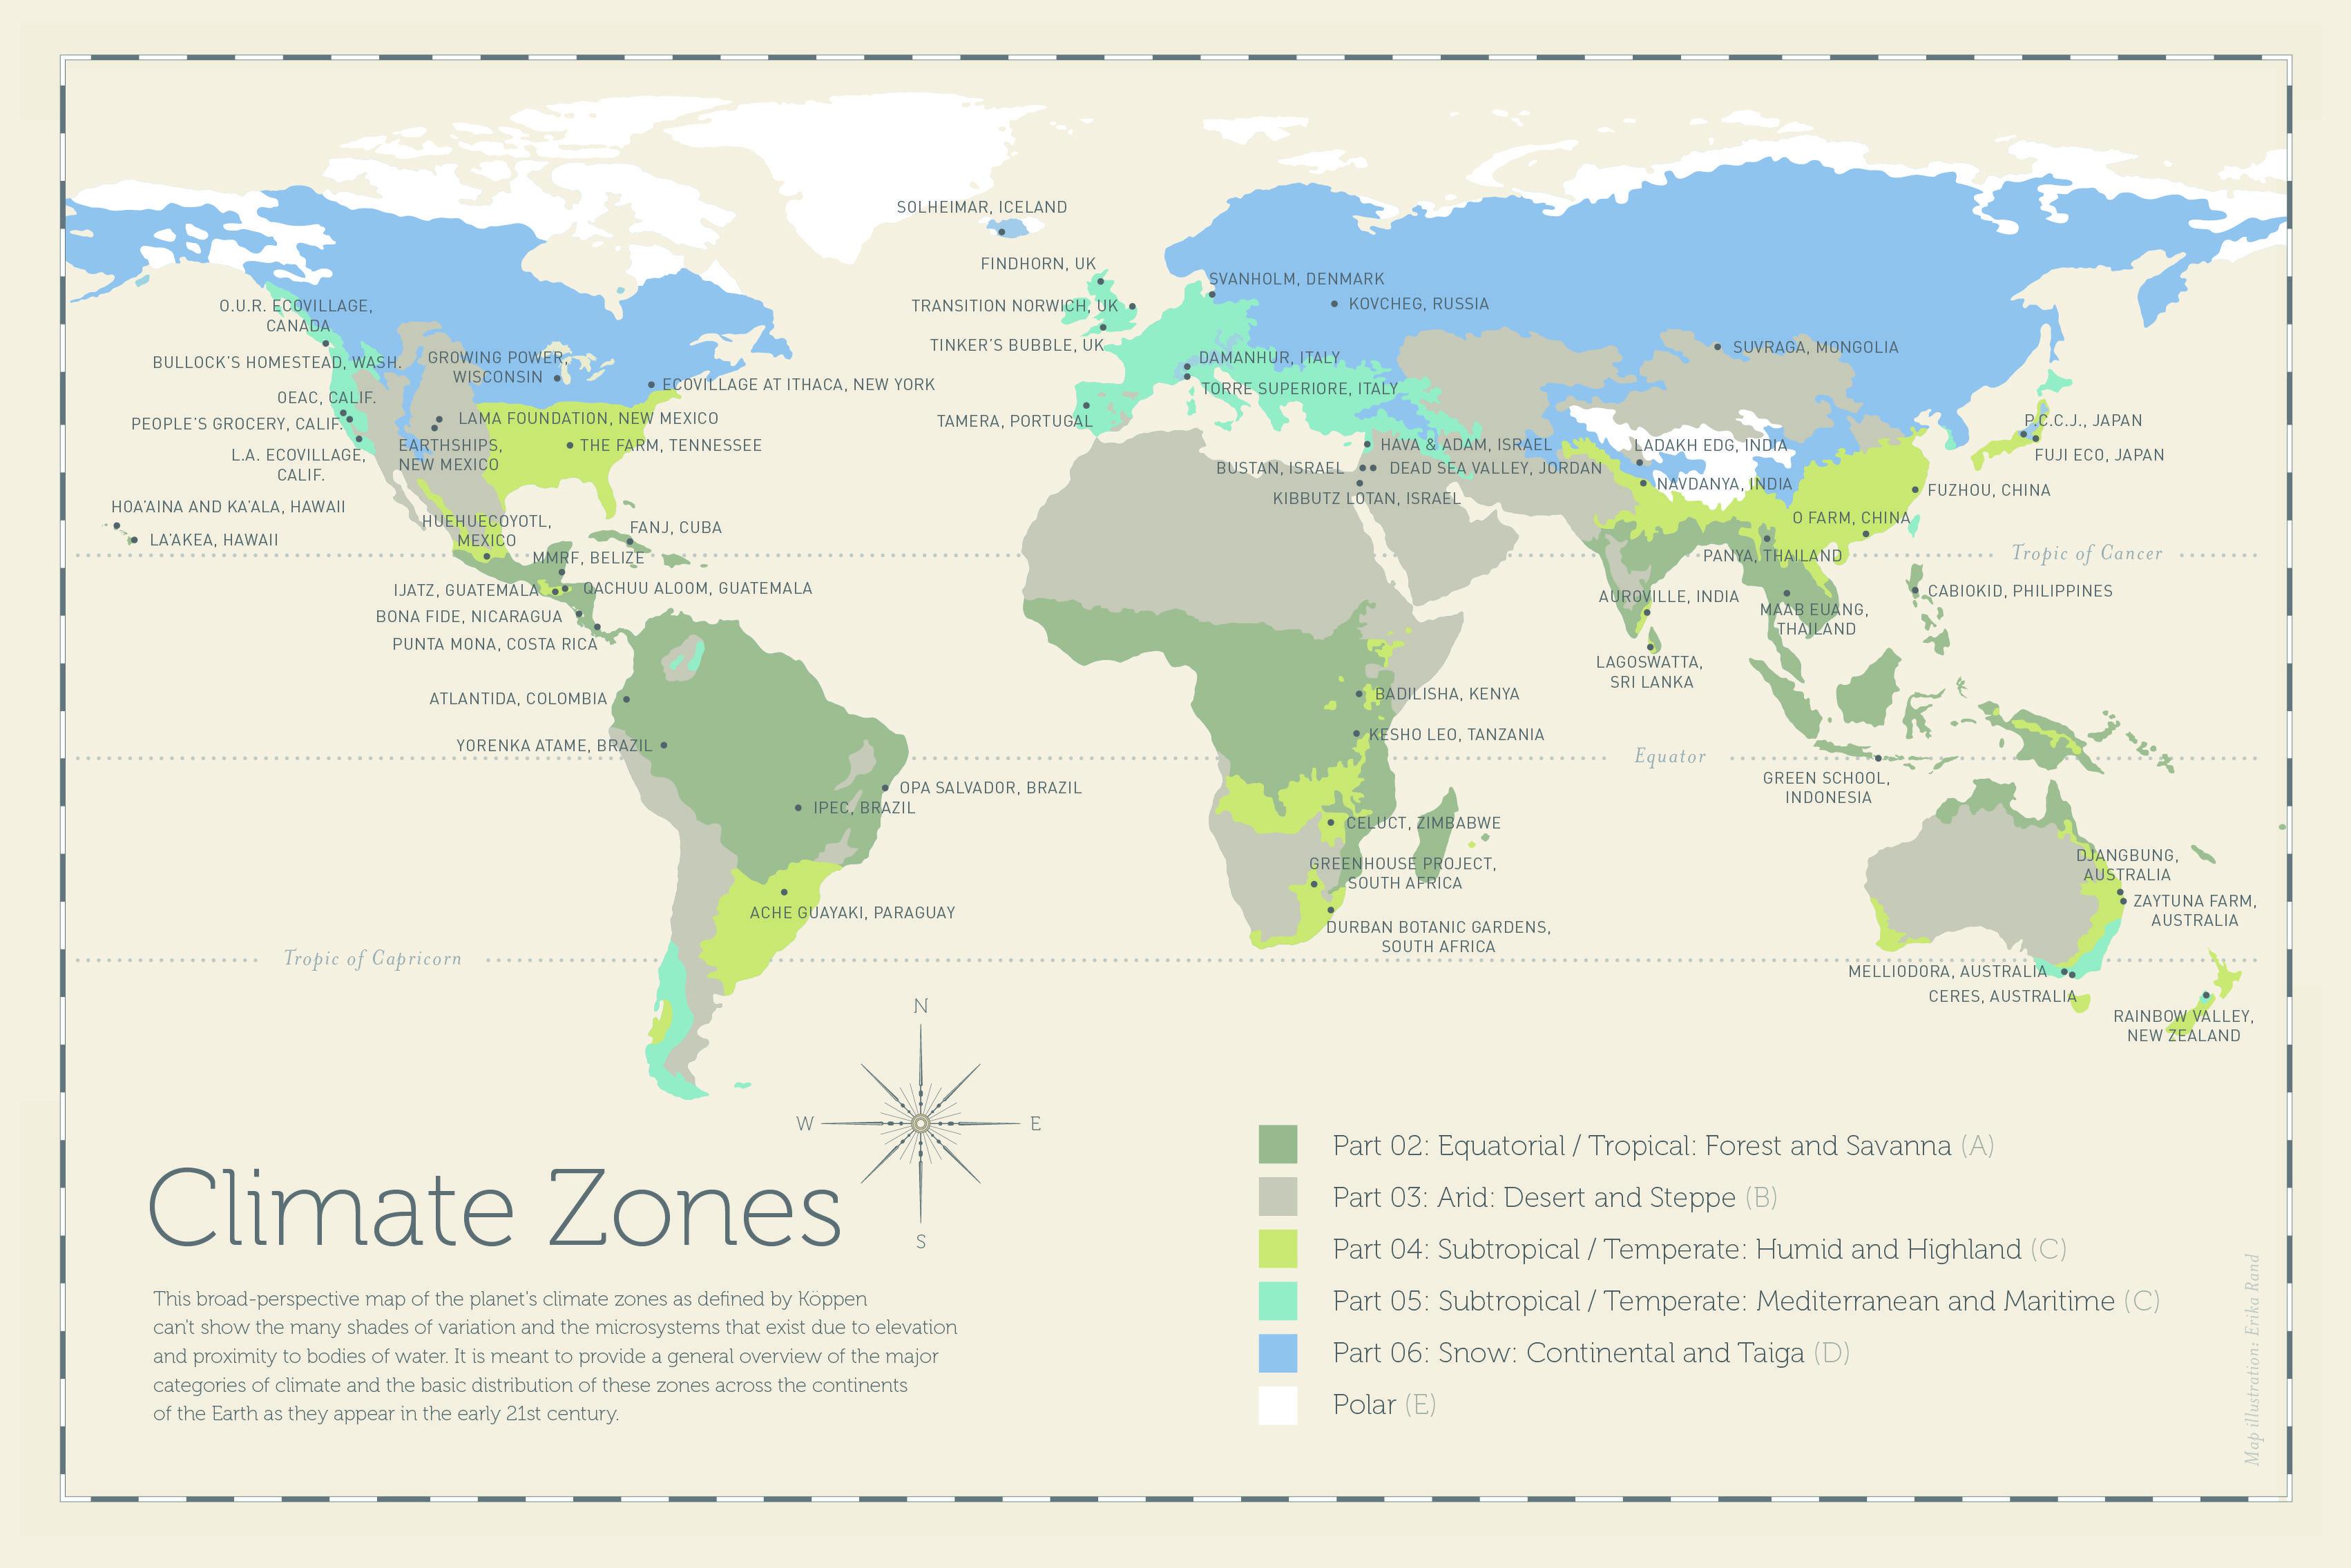 Worksheets Climate Zones Worksheet climate zones map revised 032814 jpg vernacular jpg